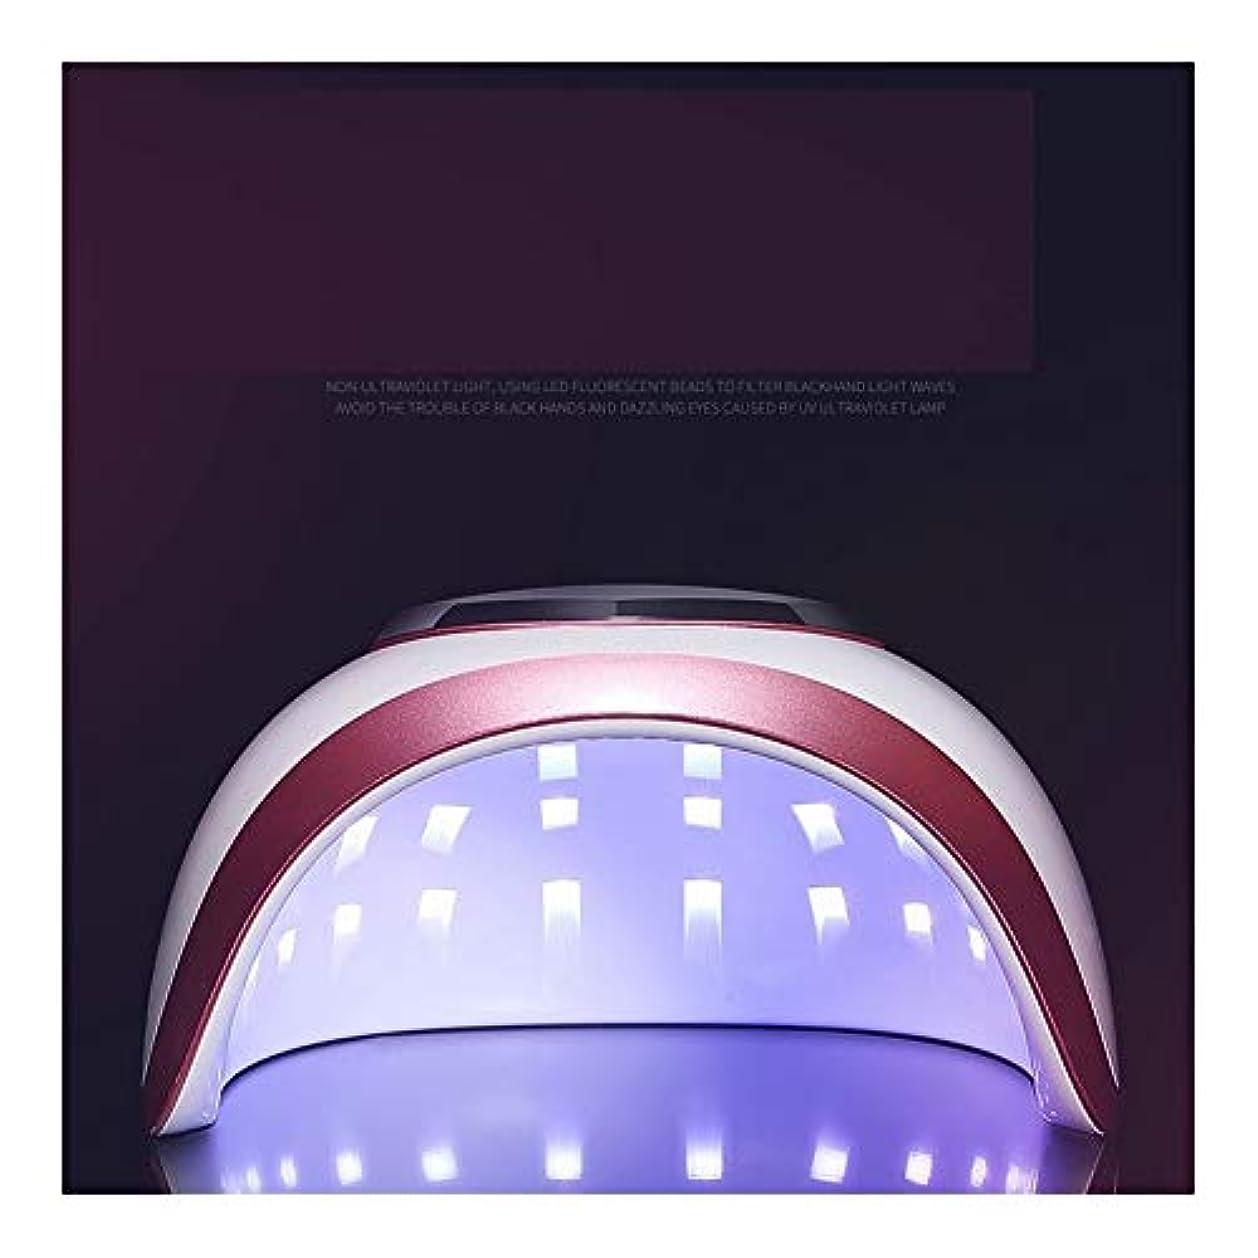 気がついて労働者操作LittleCat 釘LEDランプライト療法機ドライヤーネイルグルーヒートランプ72W速乾性モードインテリジェントセンサー無痛 (色 : 72W red edge European regulations)